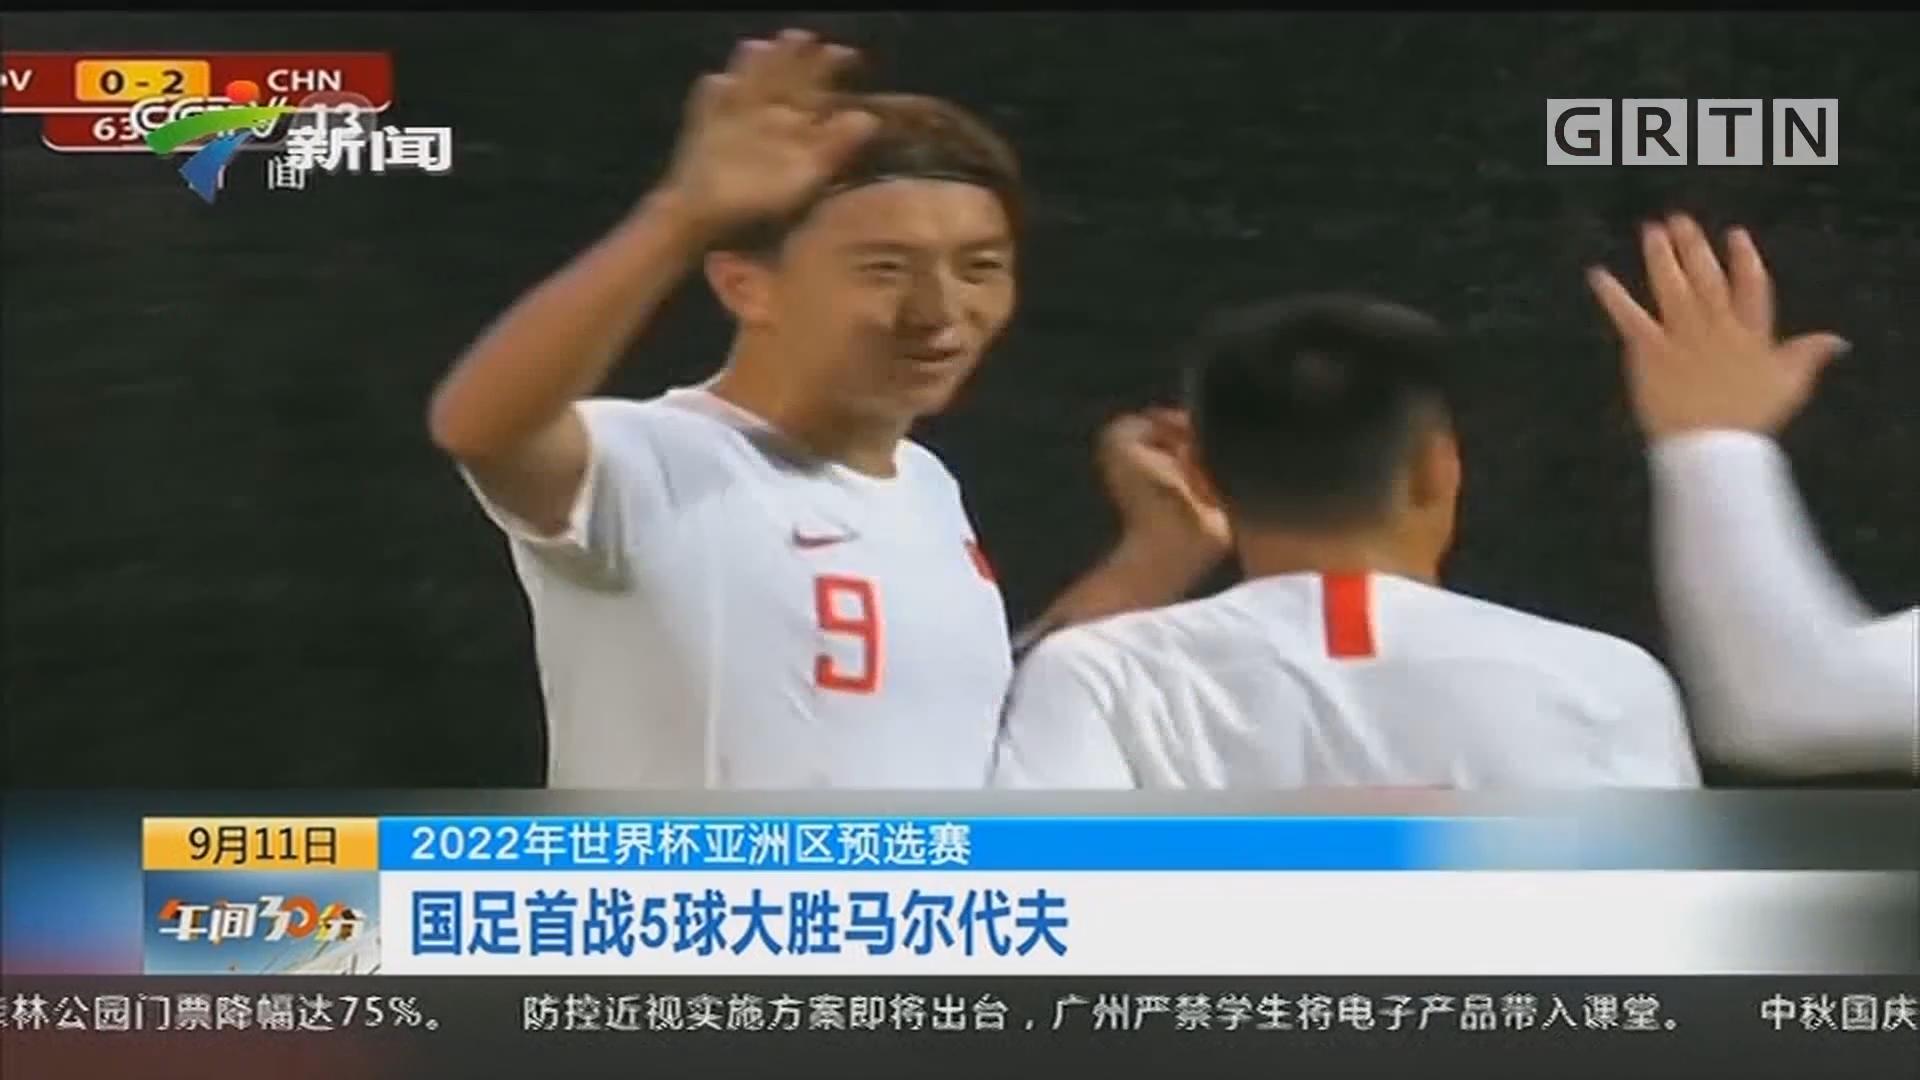 2022年世界杯亞洲區預選賽:國足首戰5球大勝馬爾代夫